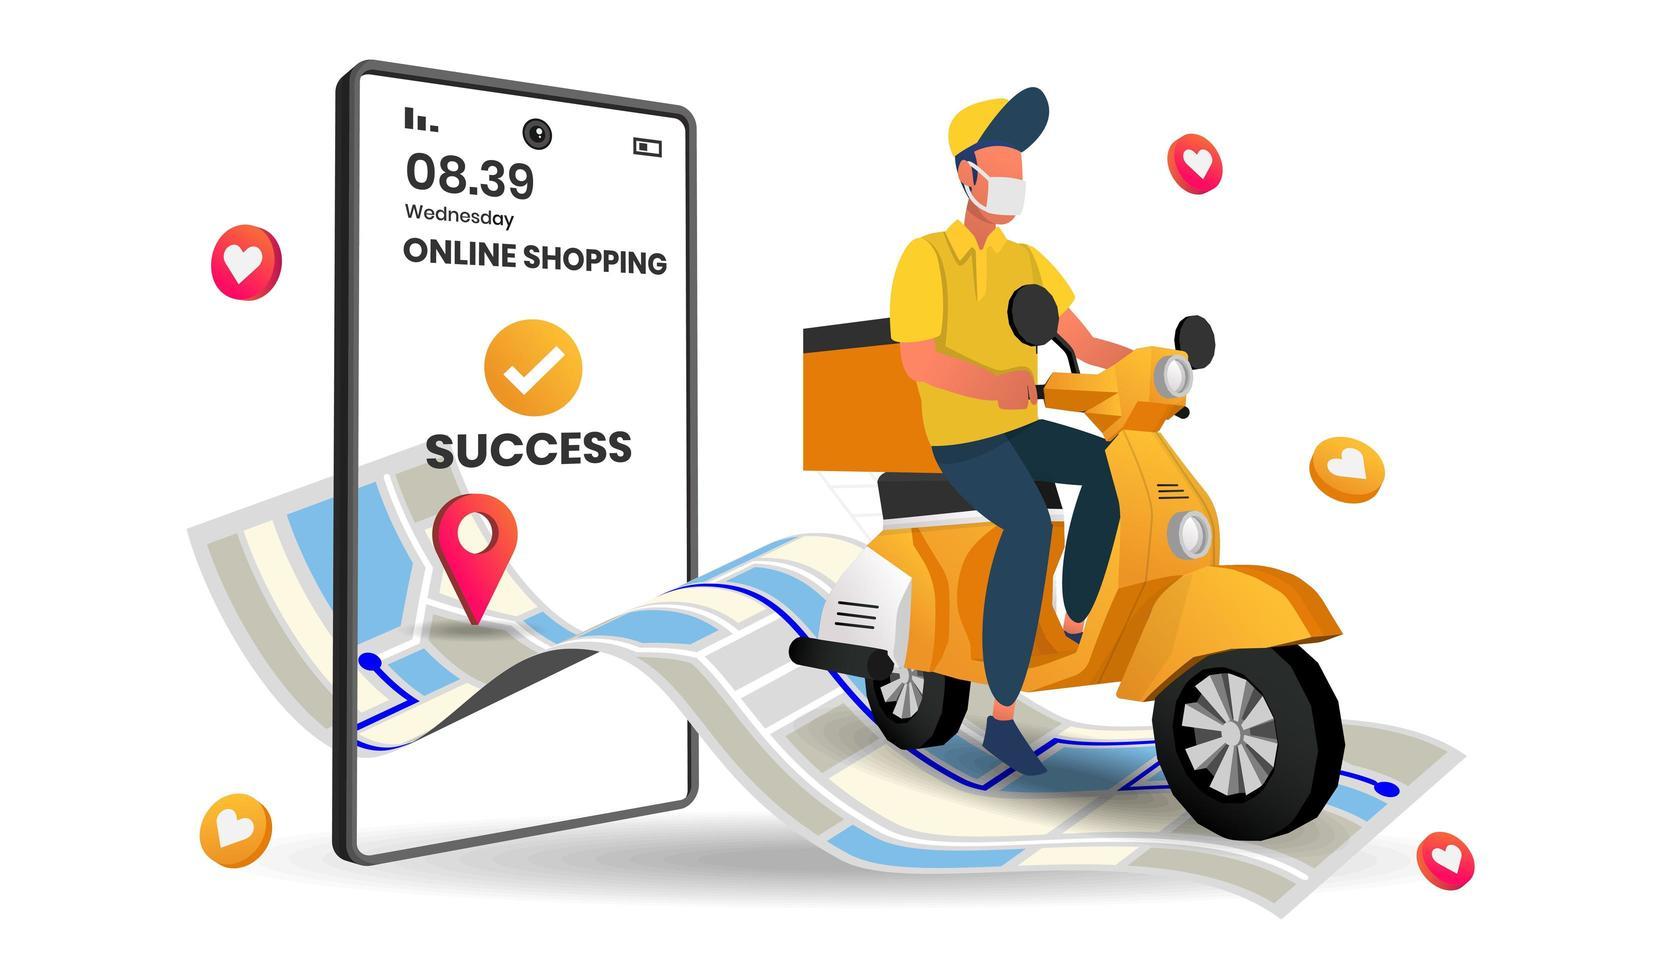 online-mobilleveransservice med skoter vektor